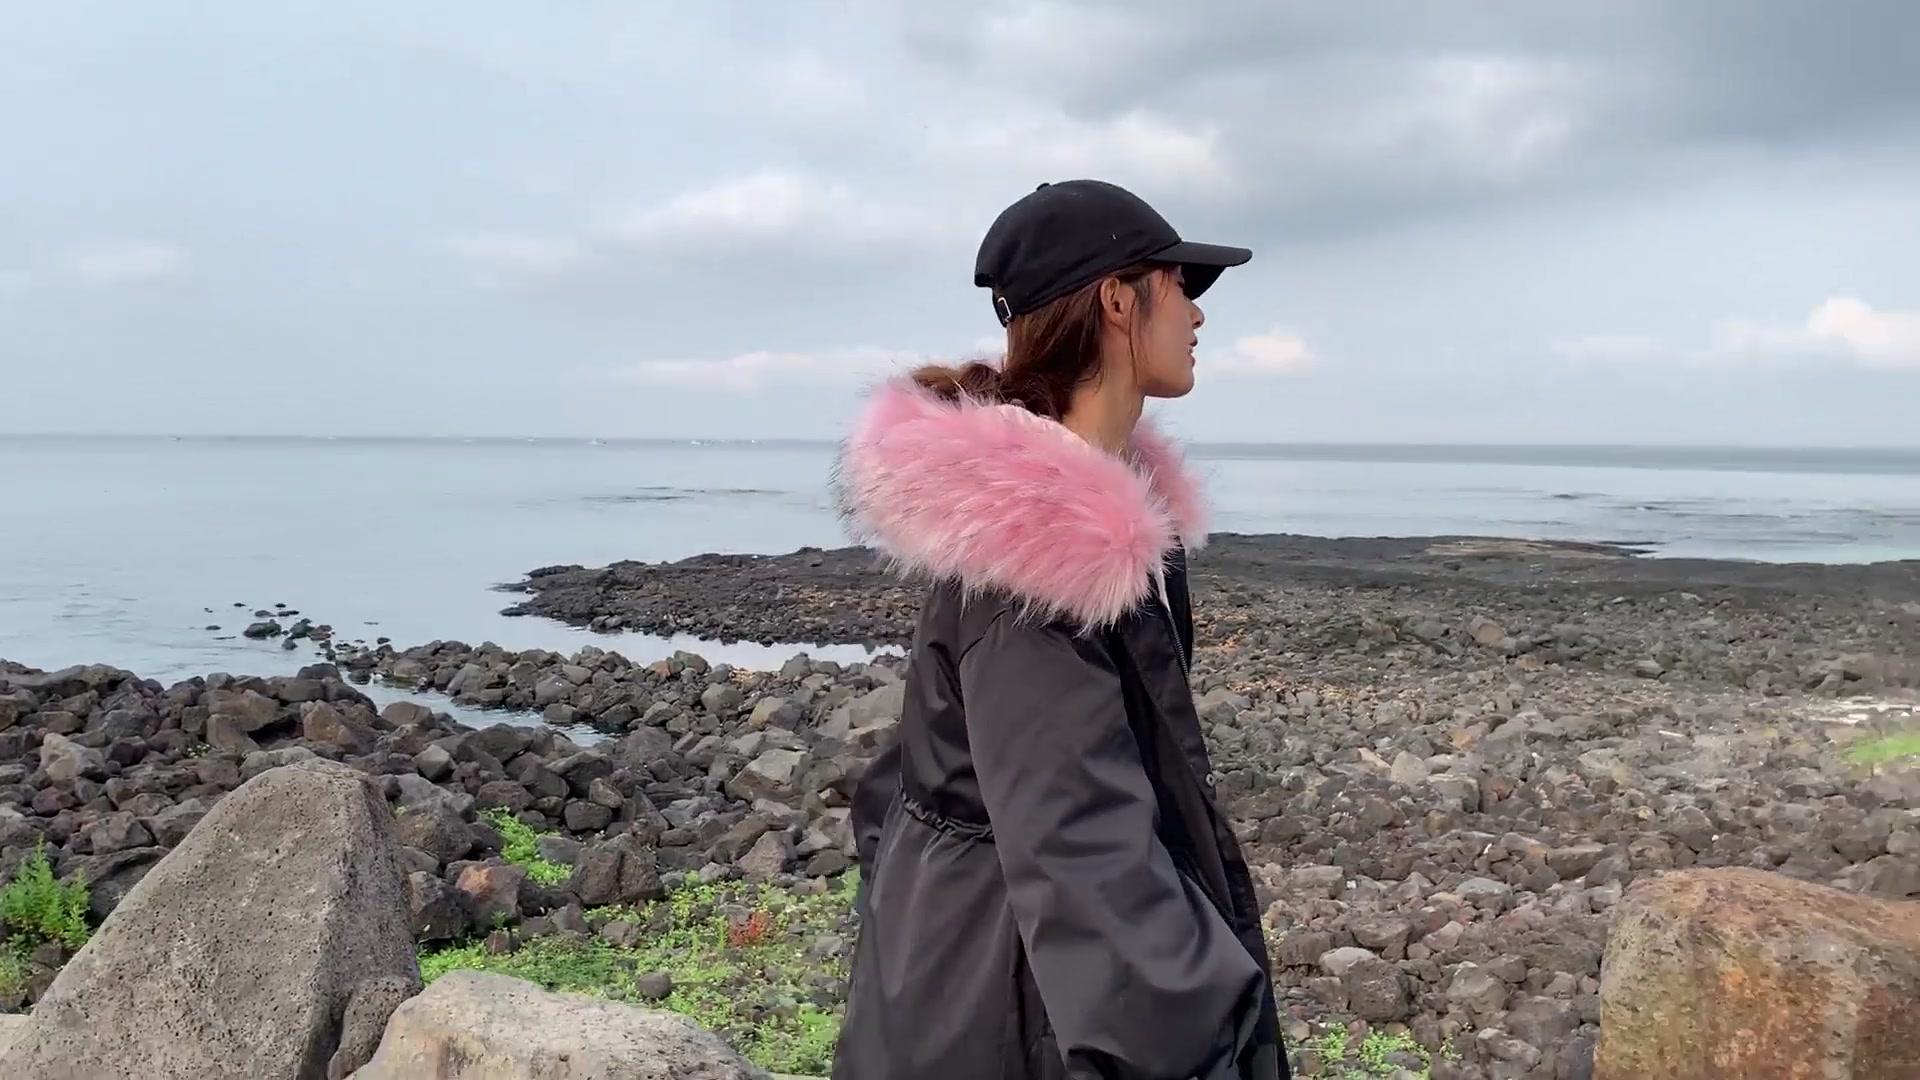 实拍冬季新款羽绒服韩版棉服女长款大码宽松棉衣棉袄工装外套